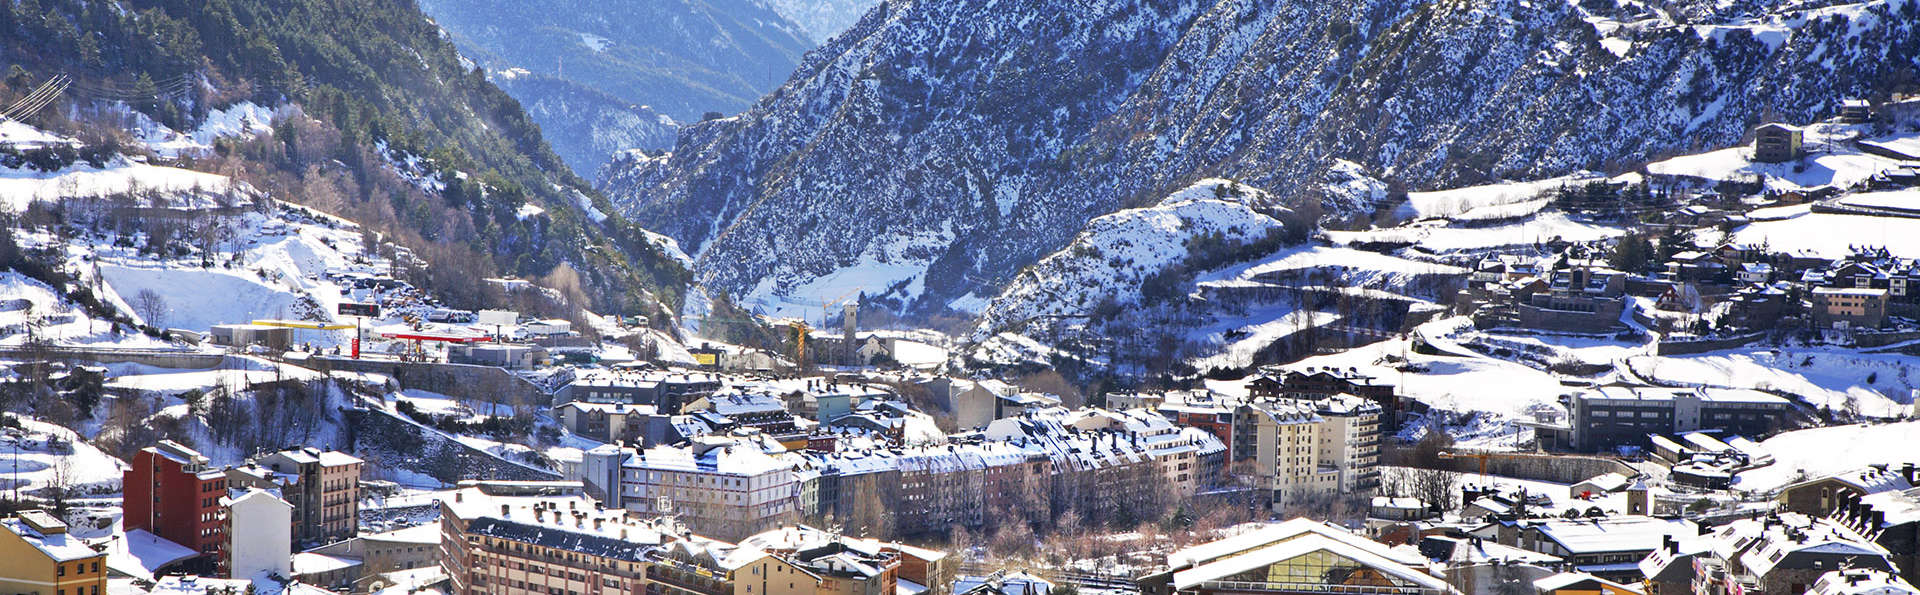 Découvrez les paysages d'Andorre avec toute la famille!